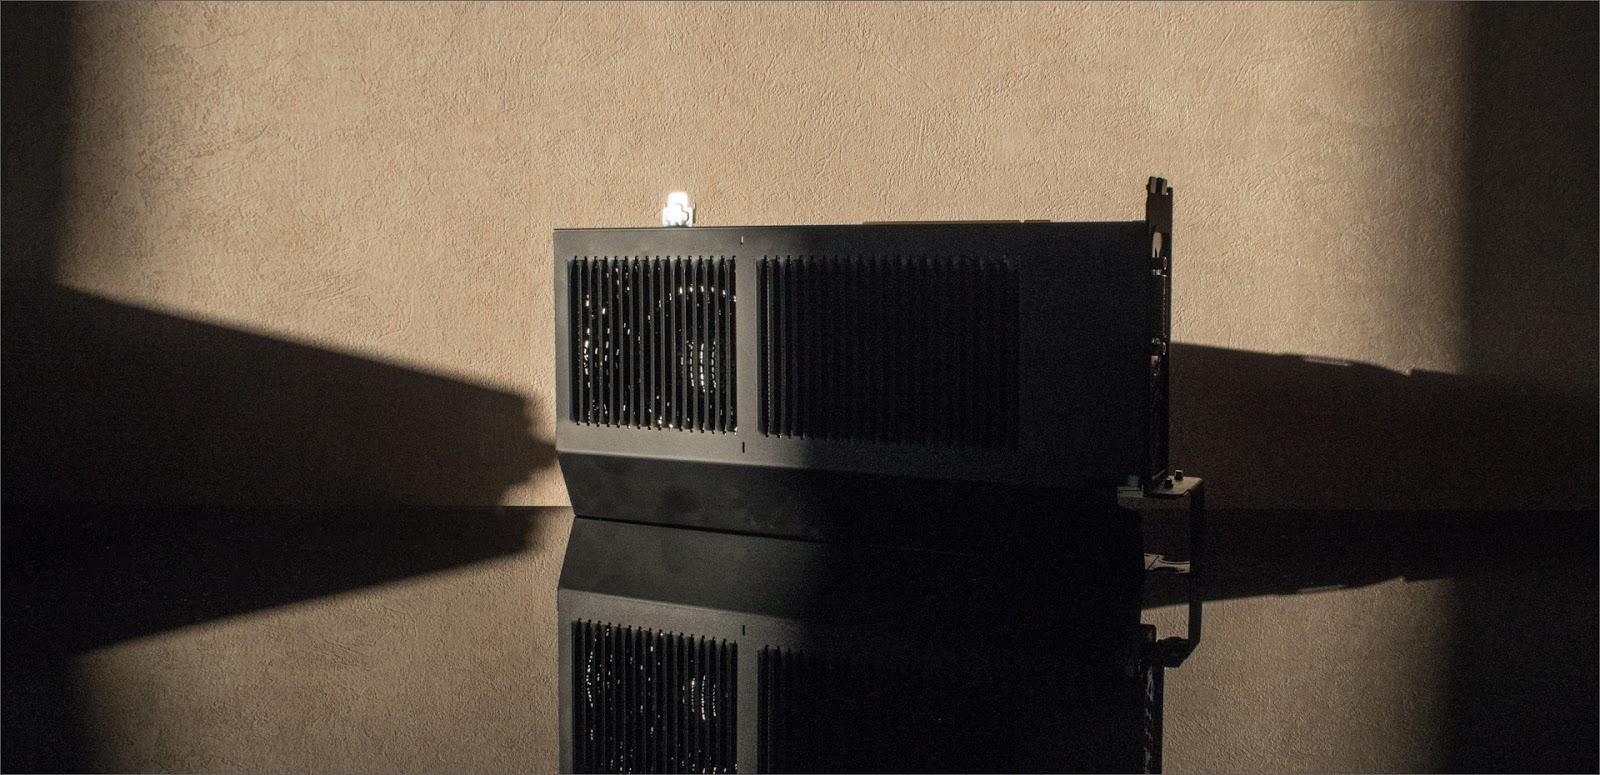 Lenovo Ideacentre AIO Y910: идеальный кокпит для геймера - 13